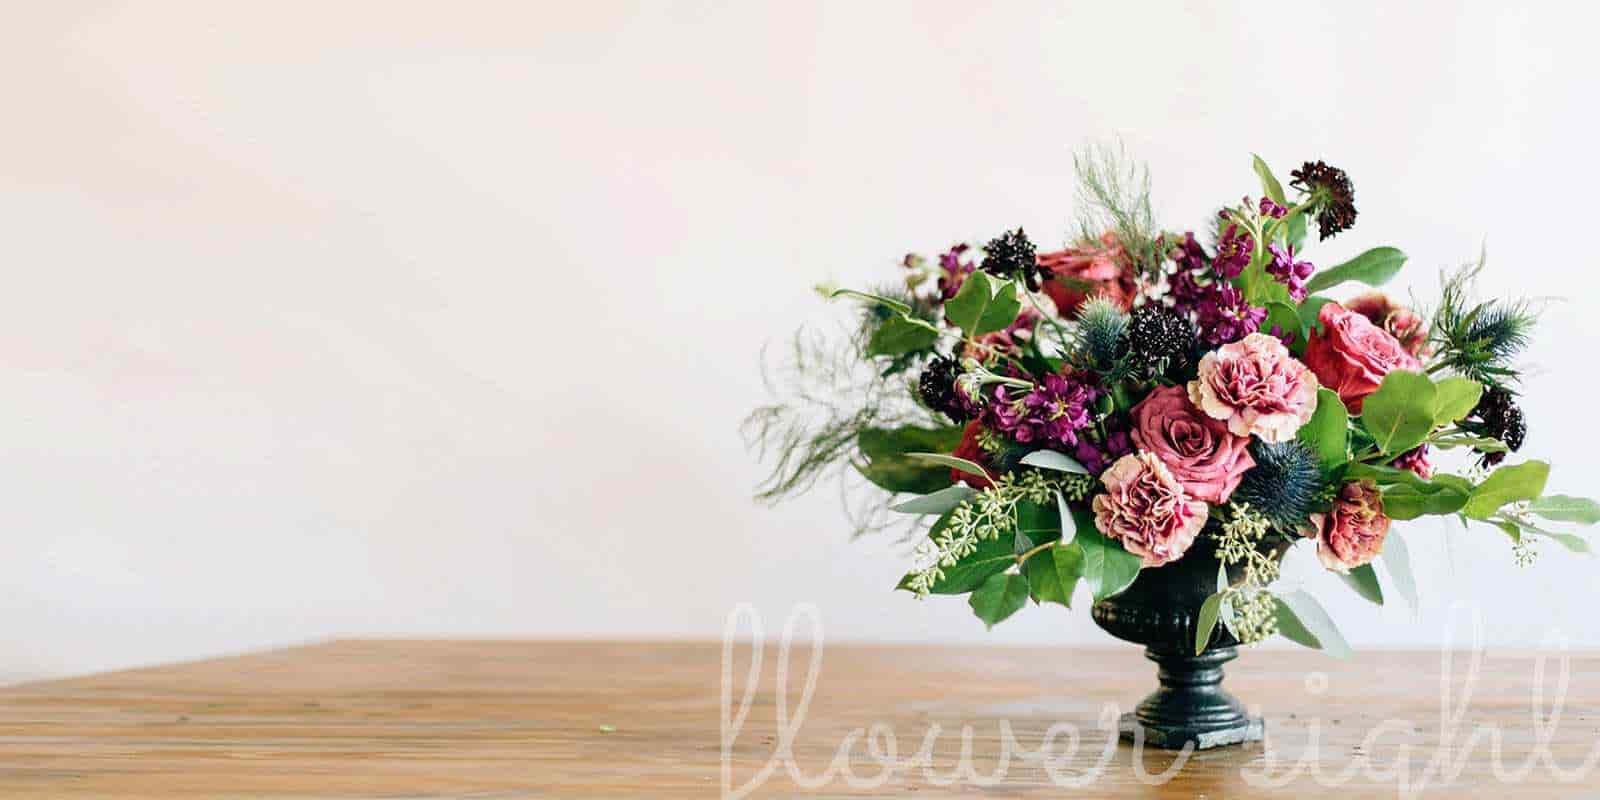 Cửa hàng hoa tươi, shop hoa tươi, tiệm hoa tươi